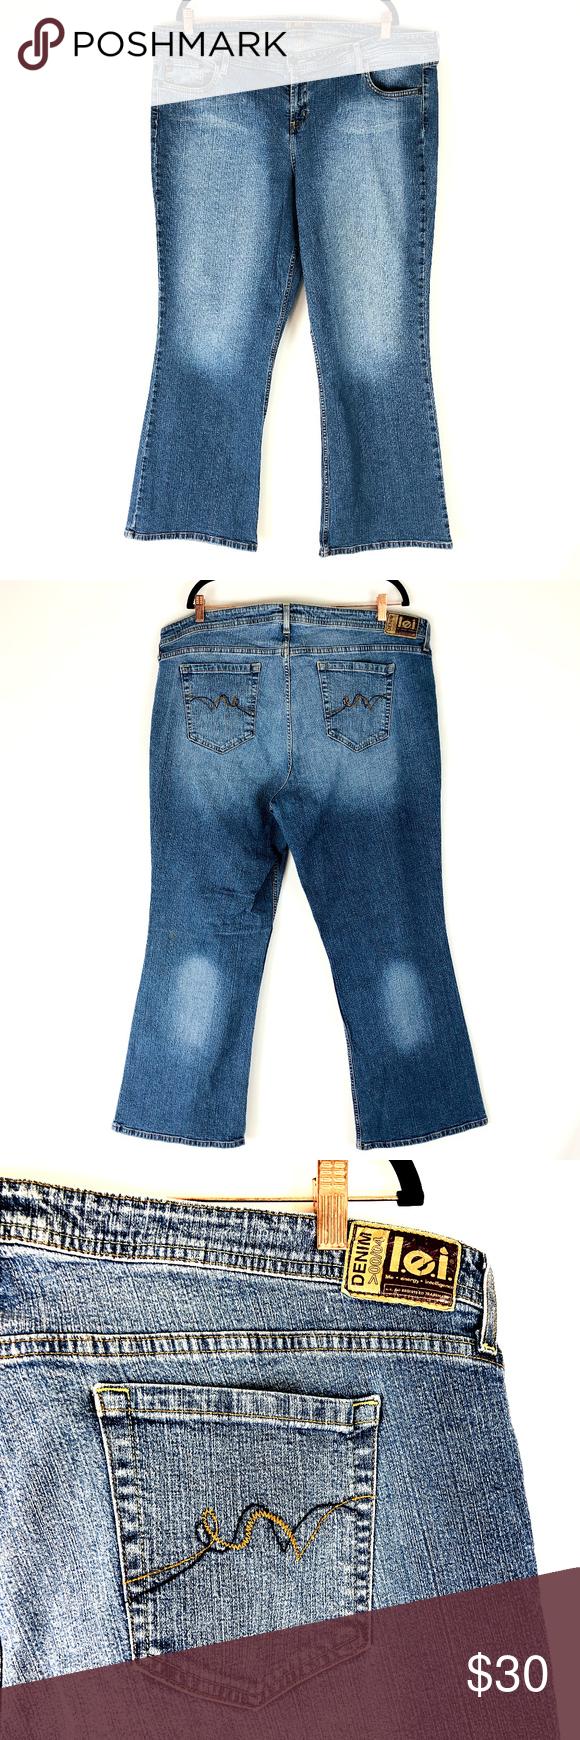 b4ae65463cfd1 lei Plus Size Denim Blue Jeans Sz 24 Average lei Plus Size Denim Blue Jeans  Tag Size  24 Average Approximate Measurements Color  Medium wash denim blue  ...